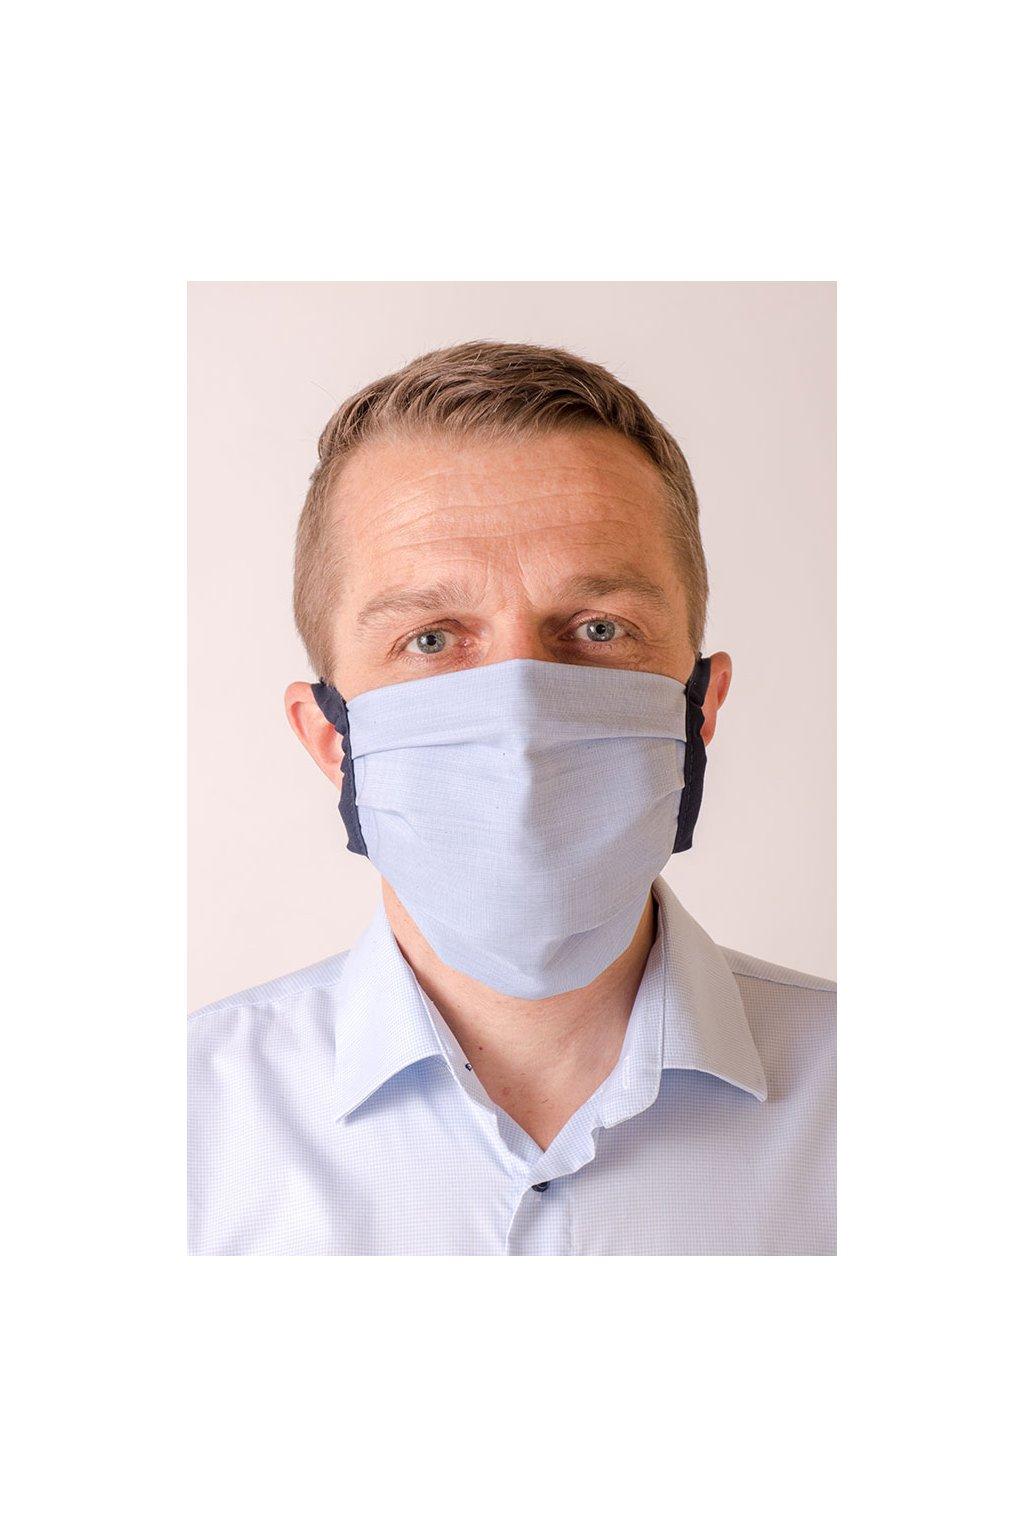 Bavlněná rouška na ústa a nos dvouvrstvá skládaná s kapsou, se šňůrami z keprové stuhy, 797-235, Modrá